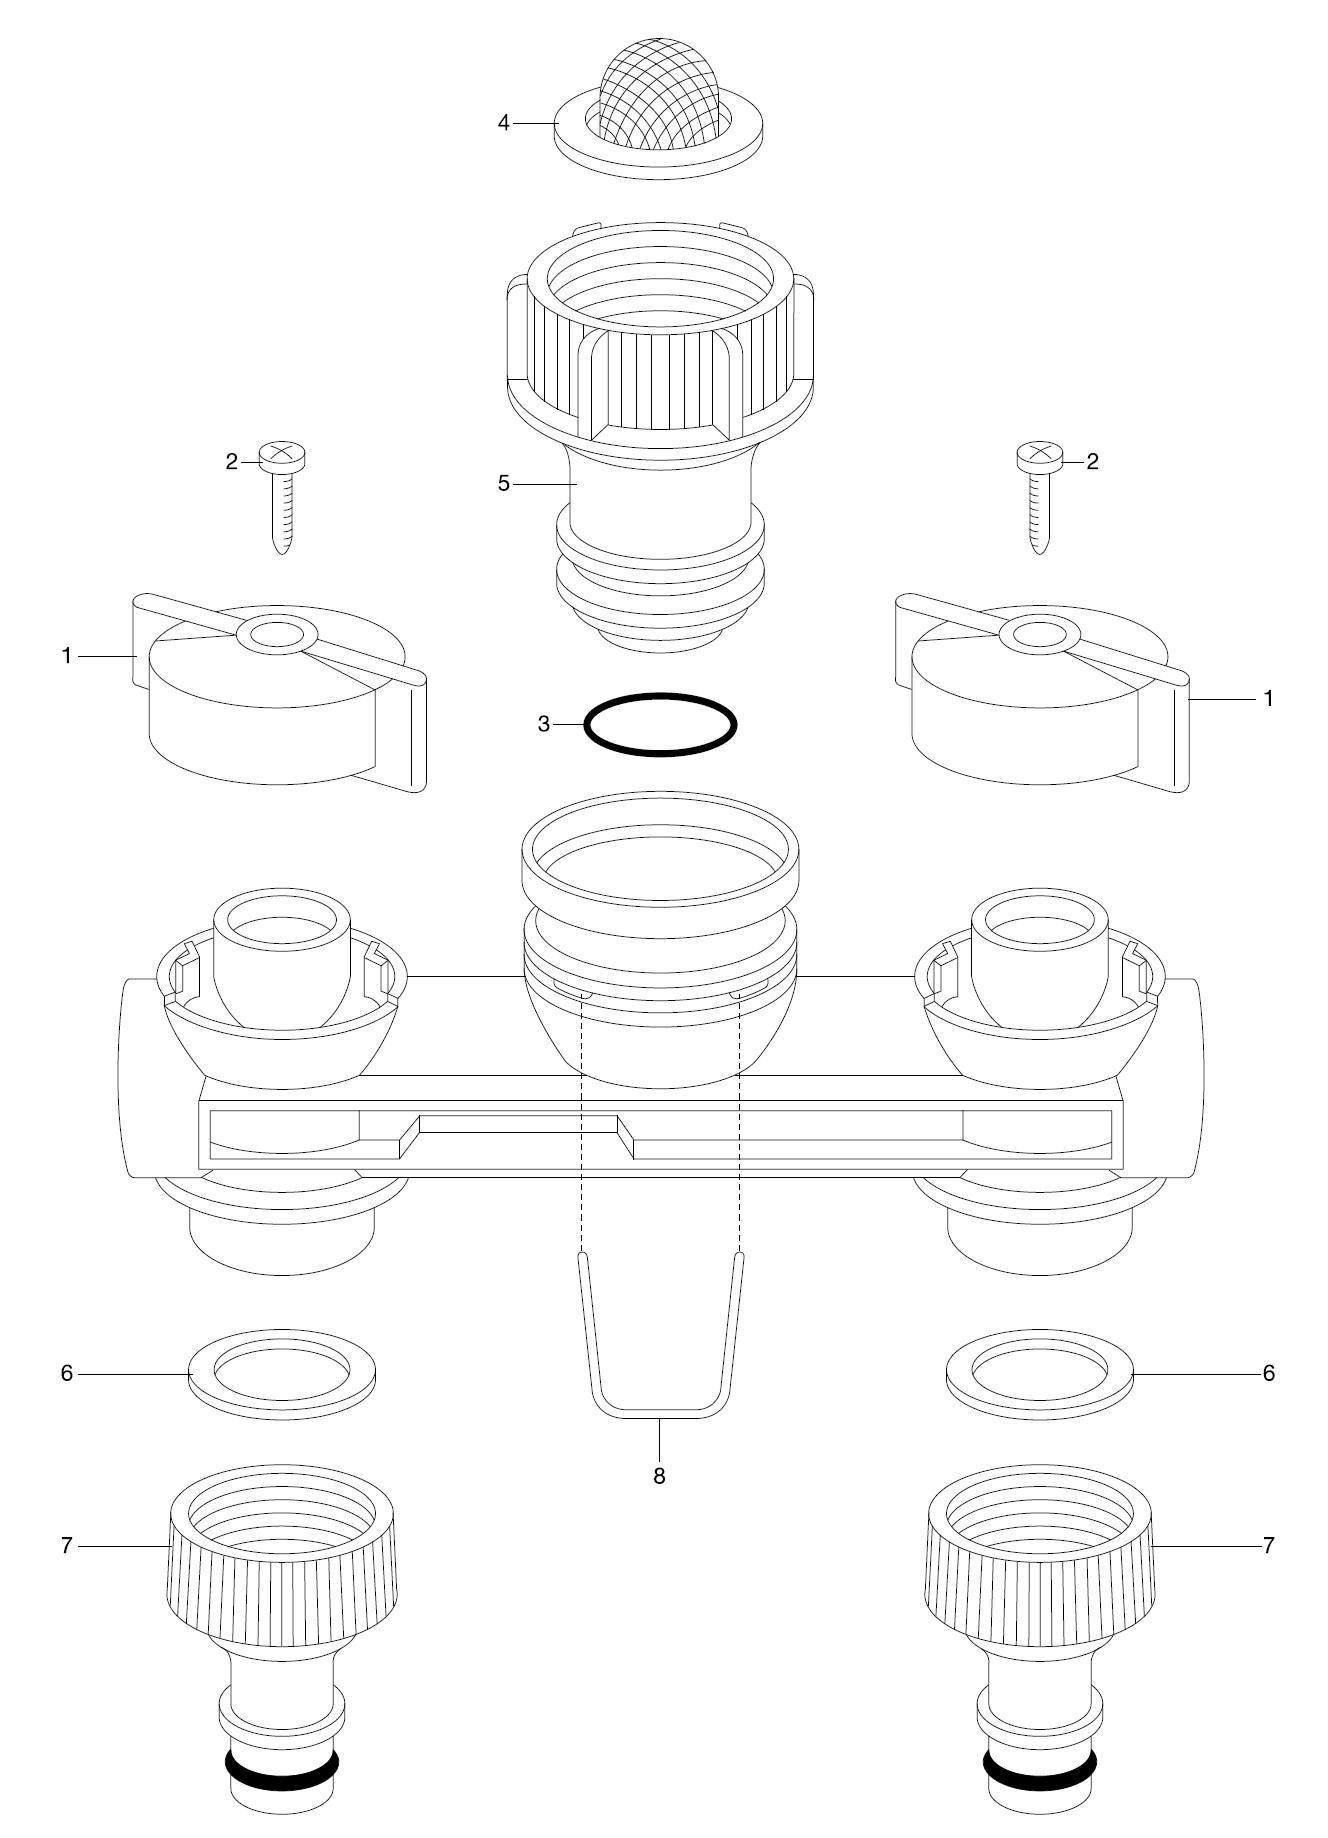 ersatzteile gardena 2 wege verteiler 1210 ersatzteil fee. Black Bedroom Furniture Sets. Home Design Ideas